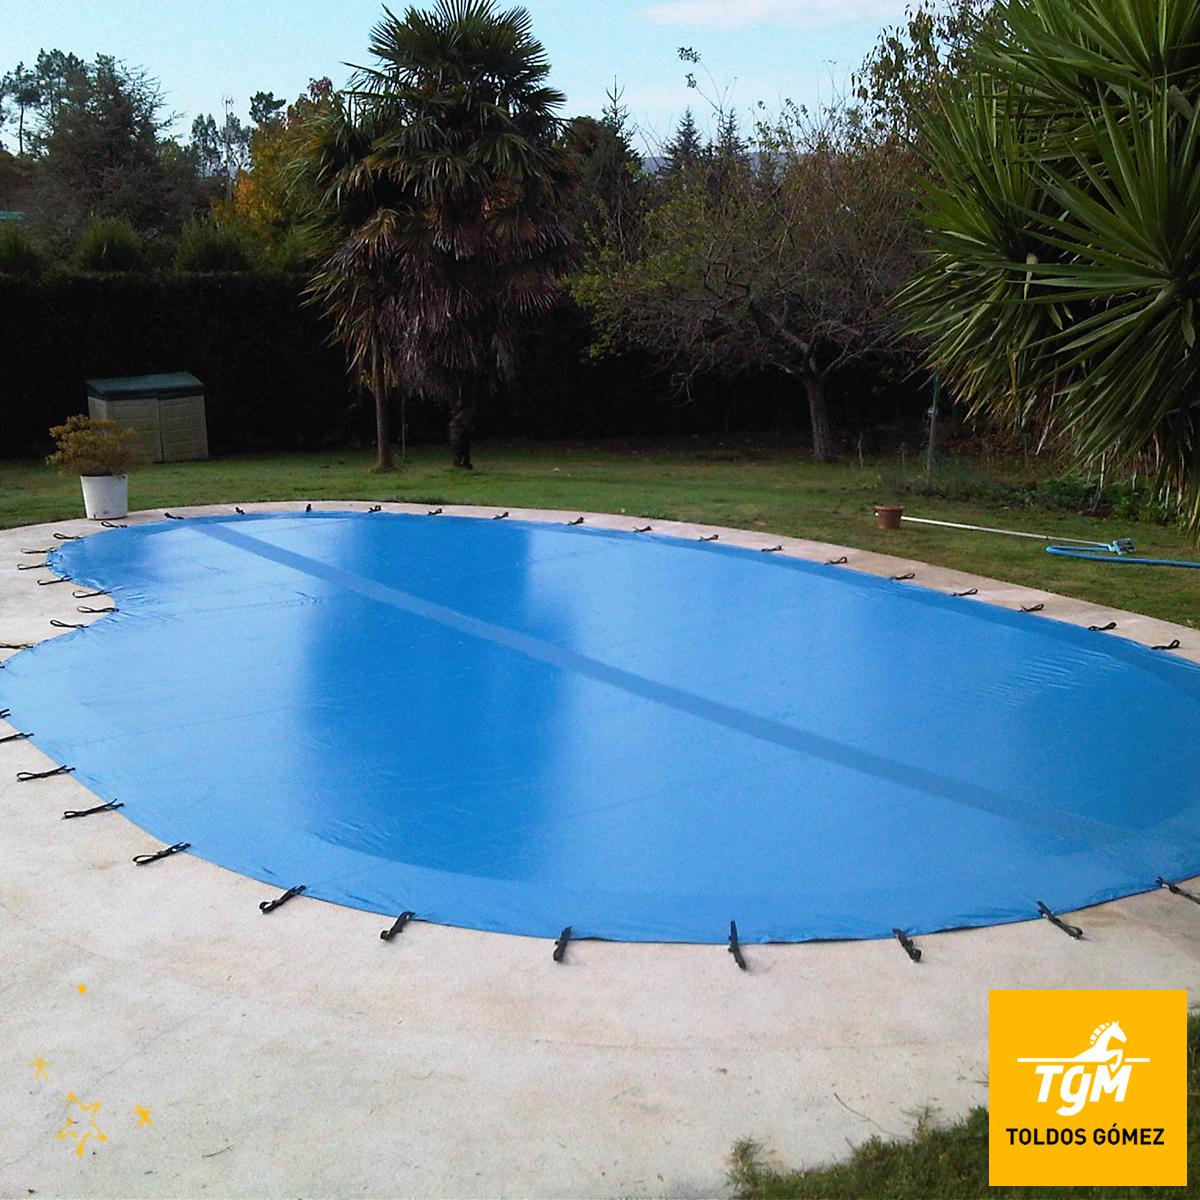 Lona para piscina affordable razones para cubrir una for Lonas para tapar piscinas